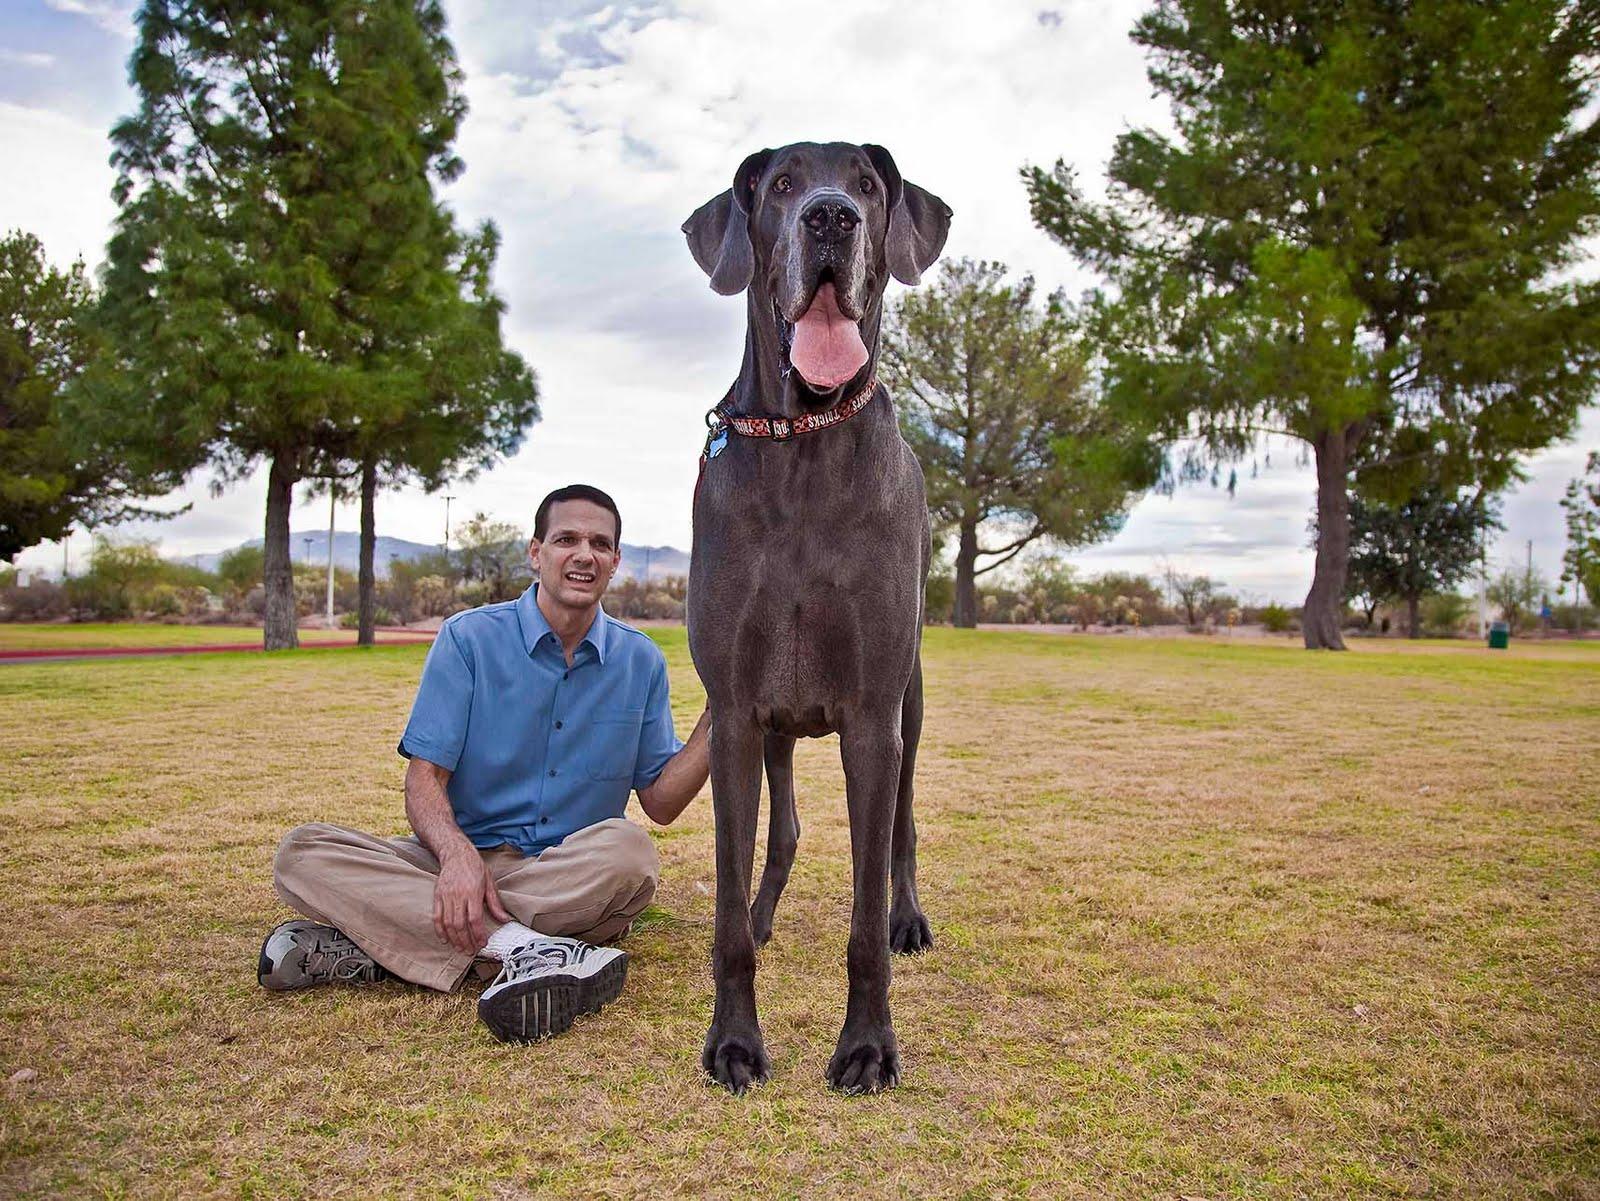 Сами болшои хуи в мире, Самый большой хуй в мире трахнул суку 14 фотография